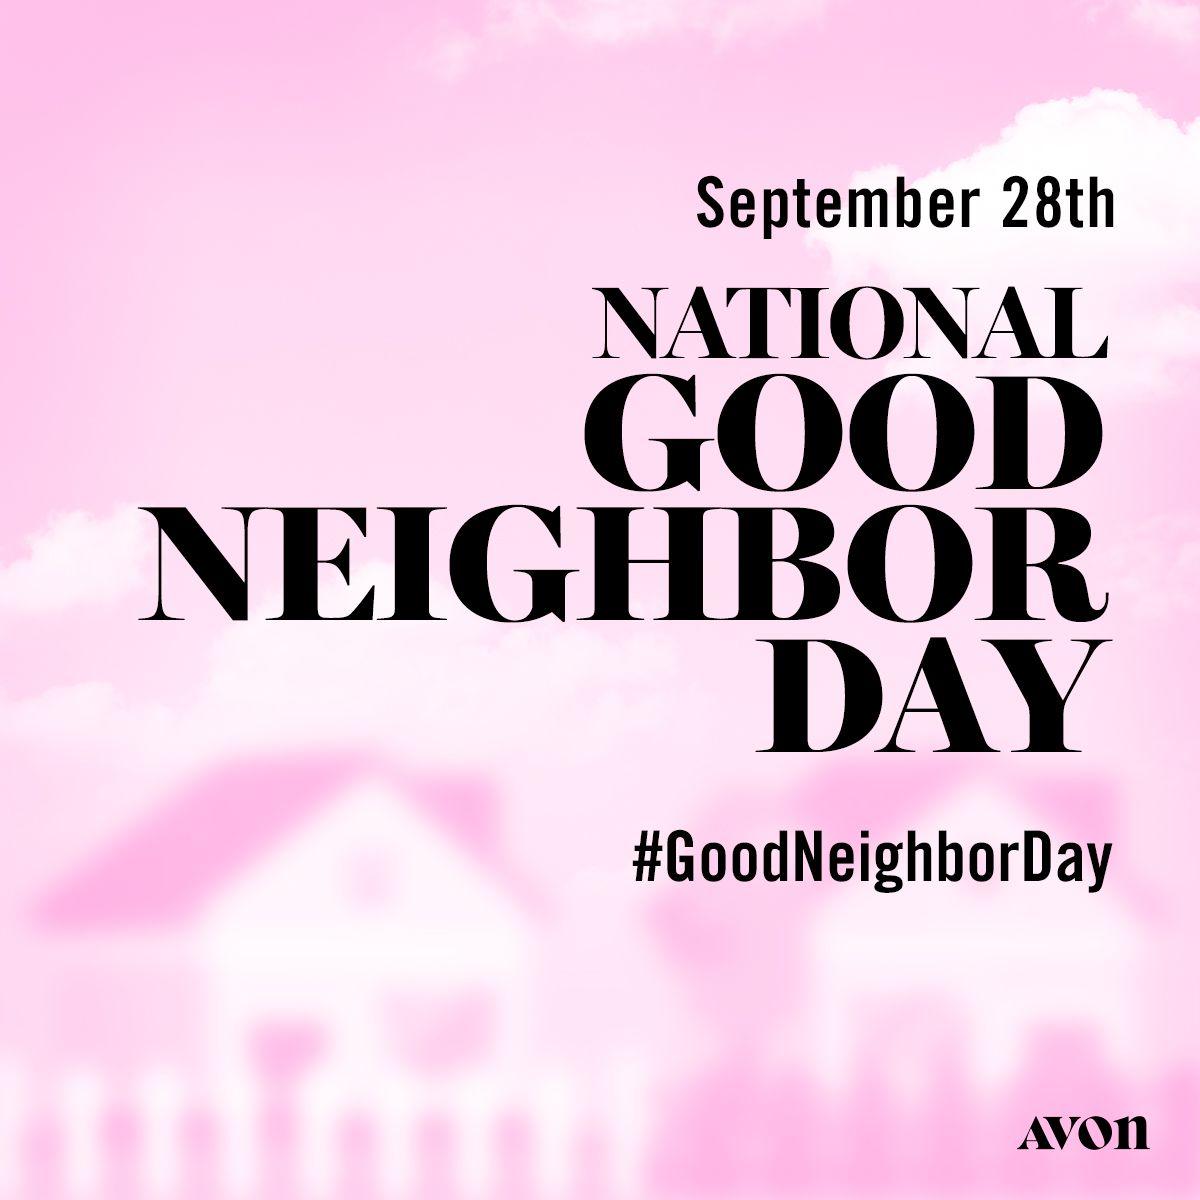 Good Neighbor Day Sept 28 Do You Have Good Neighbors Or Bad Good Neighbor Day Blog